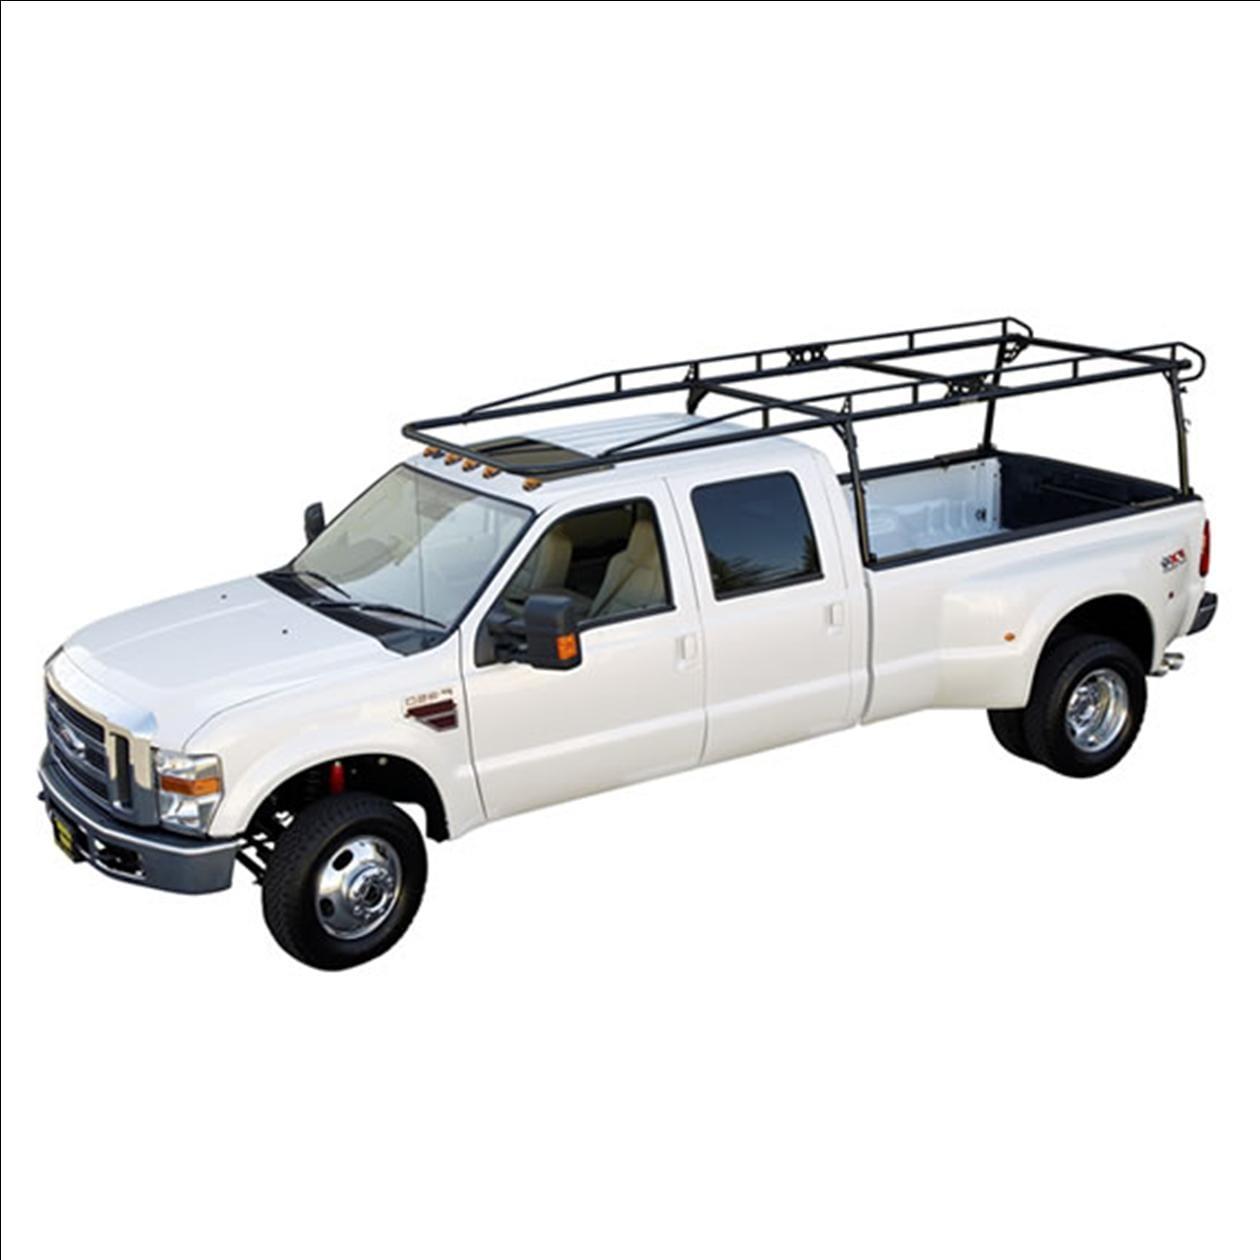 heavy duty pro ii ladder rack for full size open bed pickup trucks